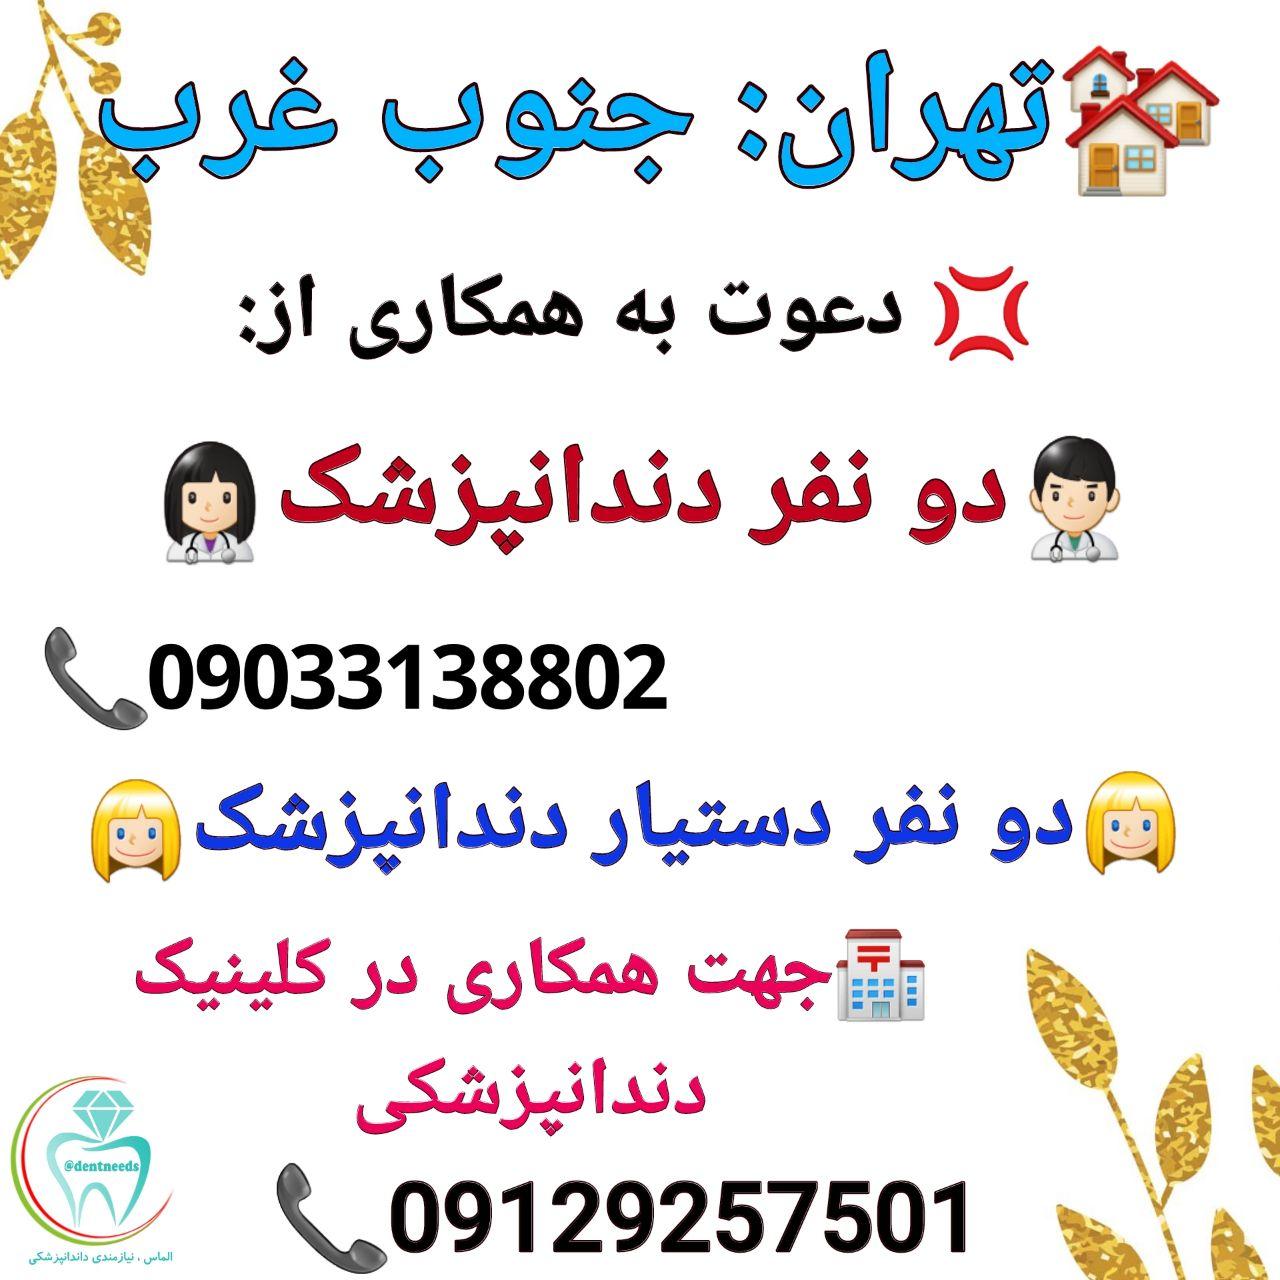 تهران: جنوب غرب، دعوت به همکاری از دو نفر دندانپزشک، دو نفر دستیار دندانپزشک